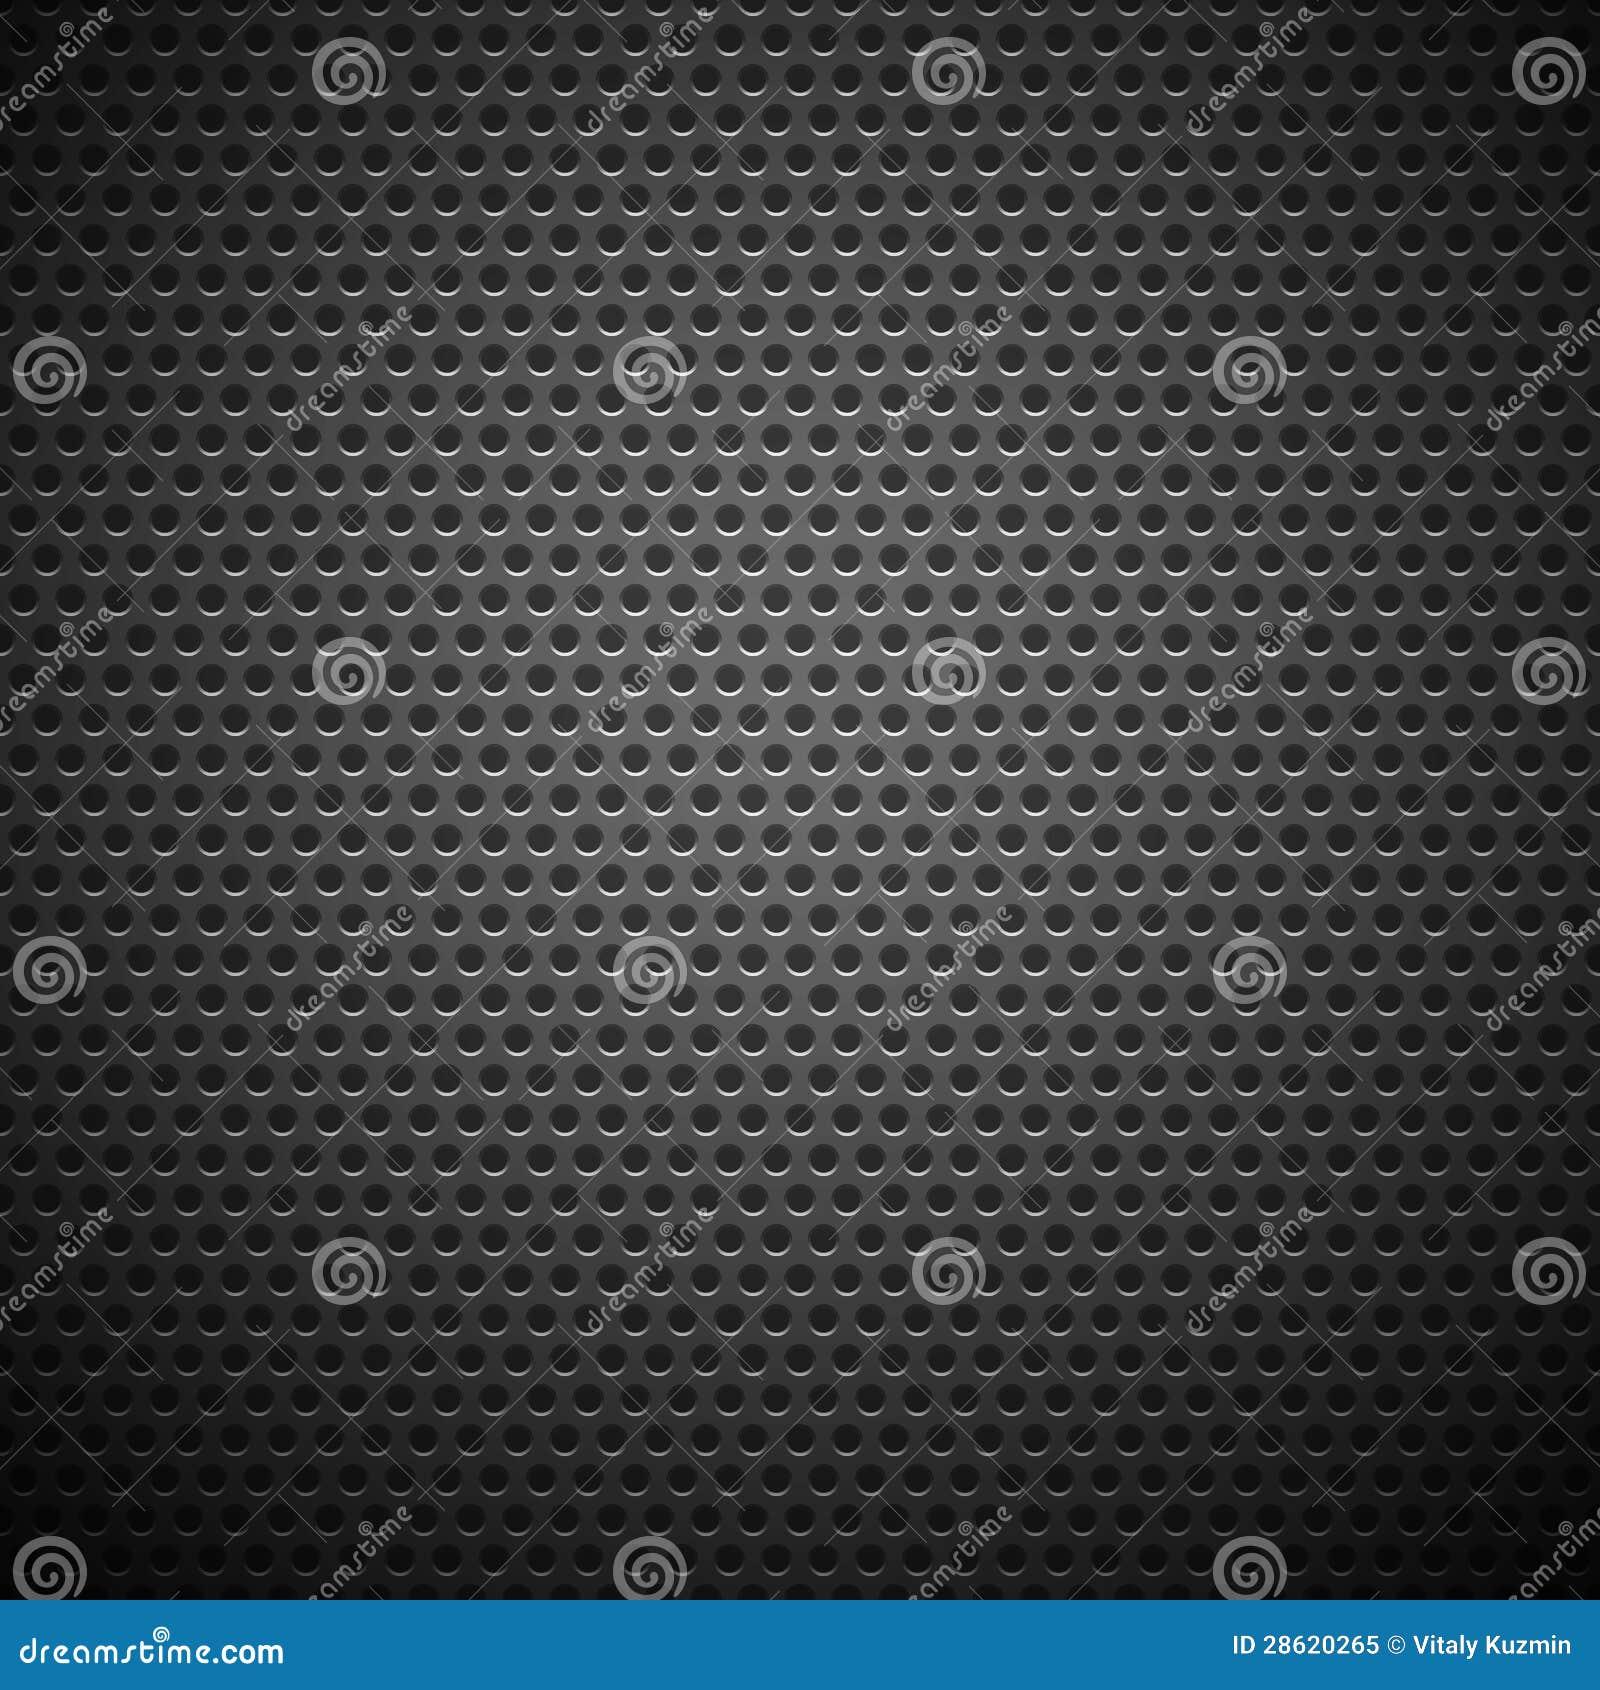 De naadloze Cirkel Geperforeerde Textuur van de Grill van de Koolstof